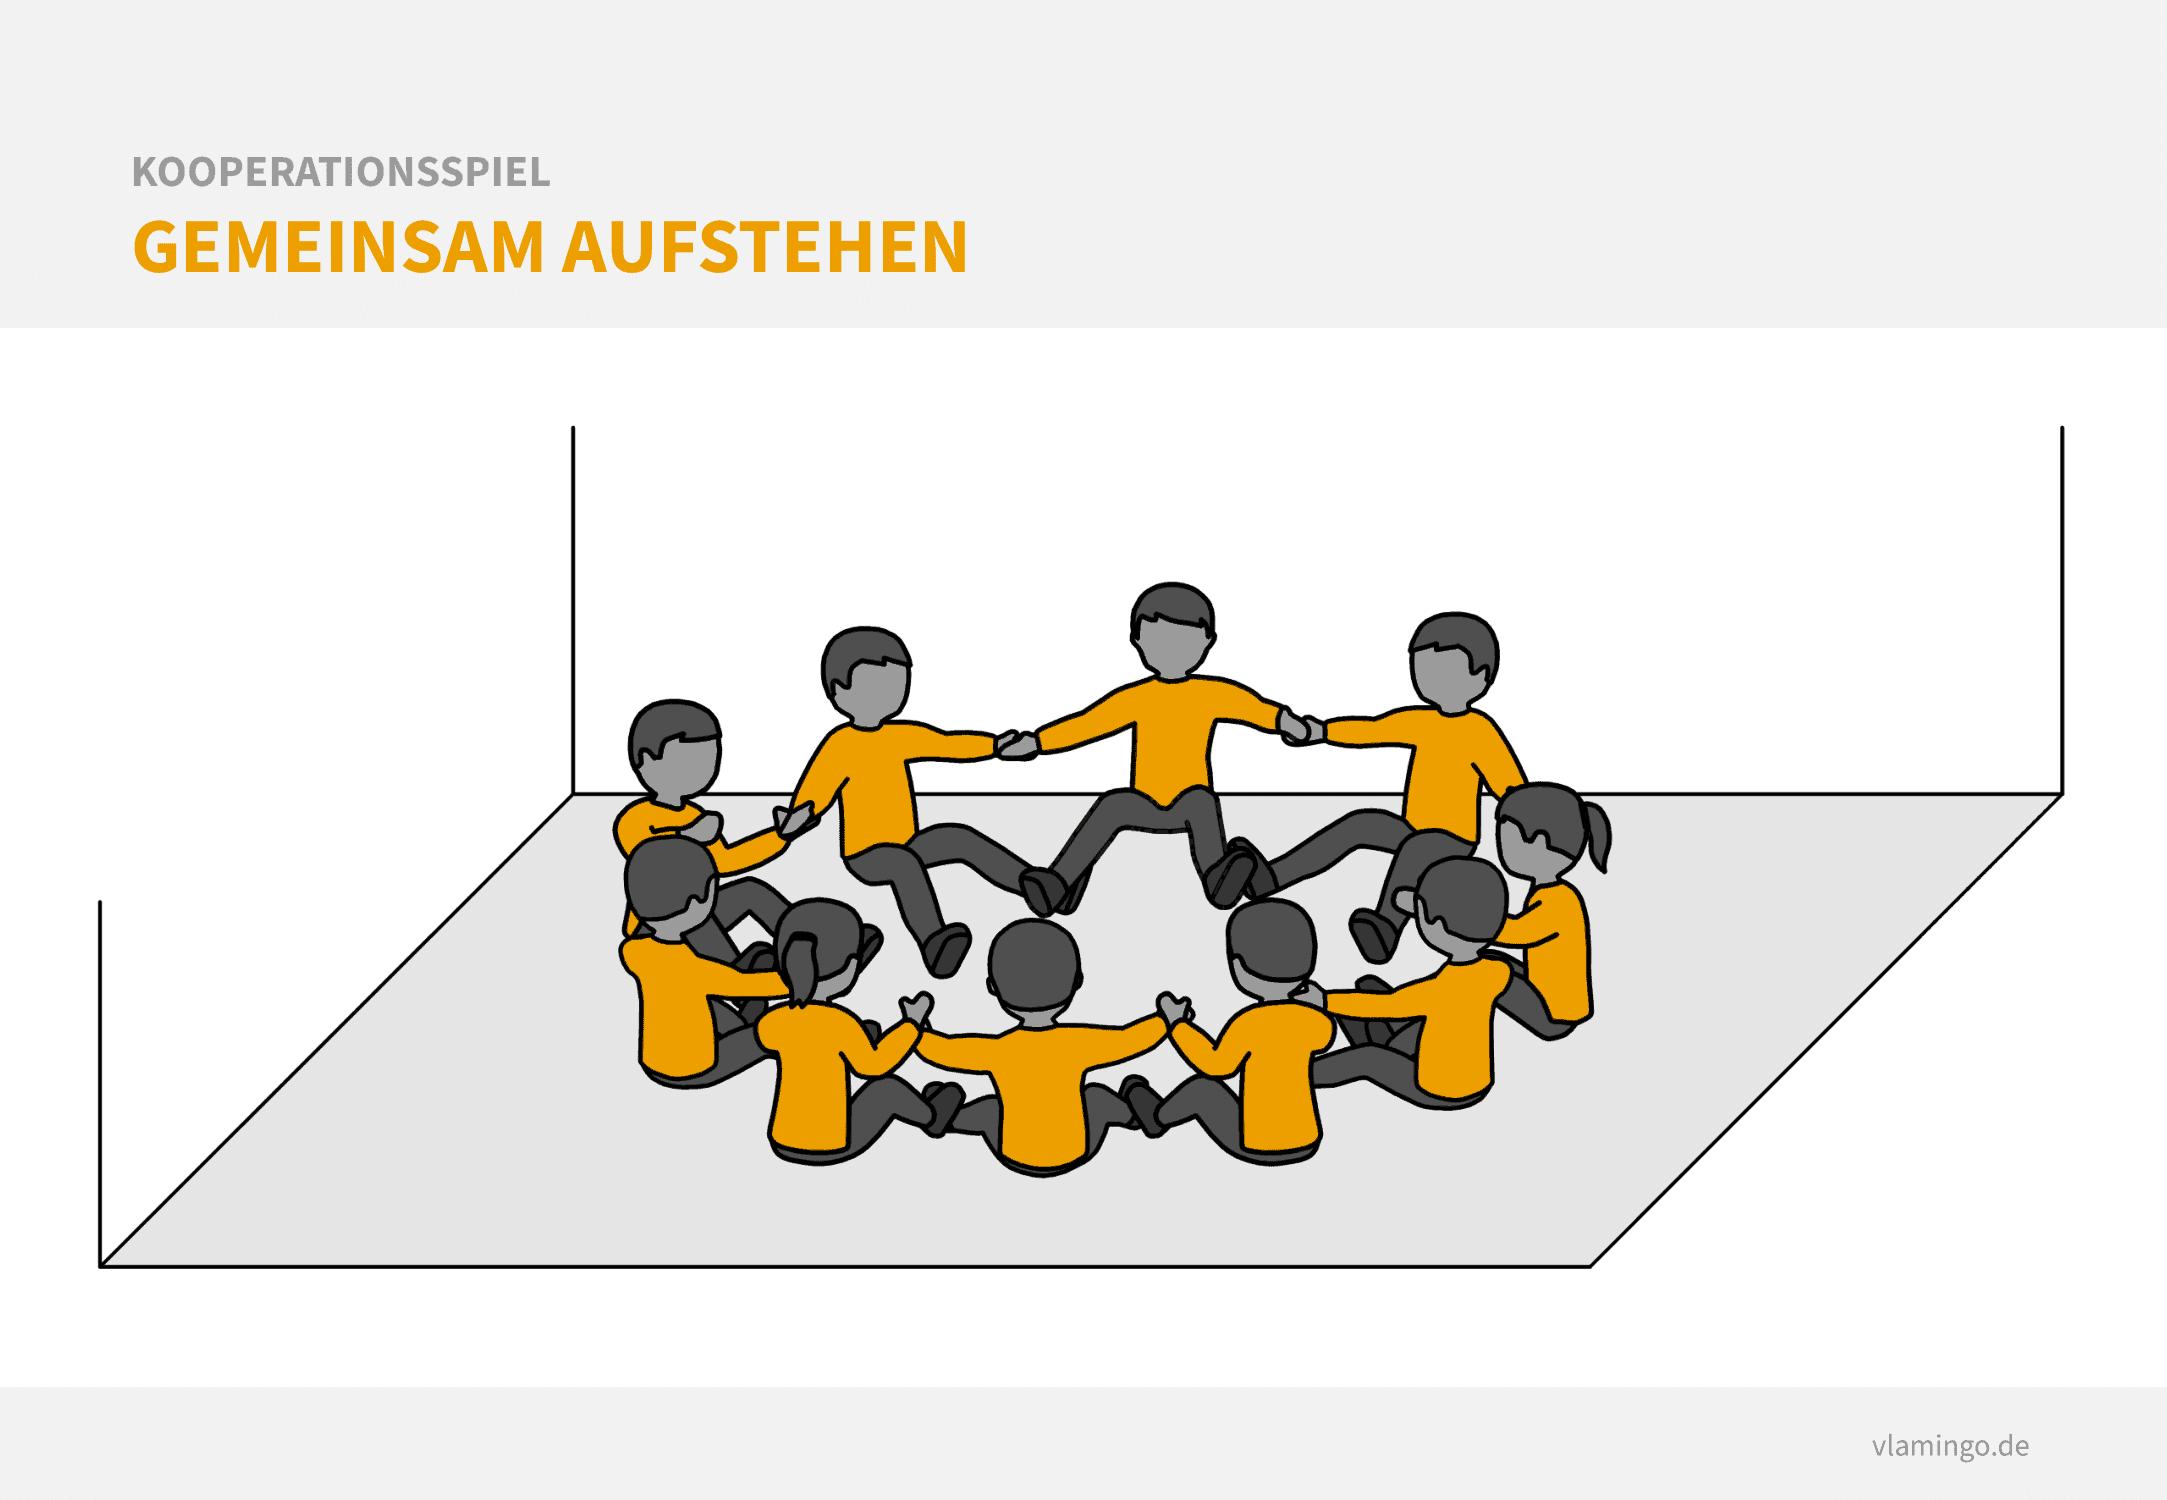 Kooperationsspiel: Gemeinsam aufstehen